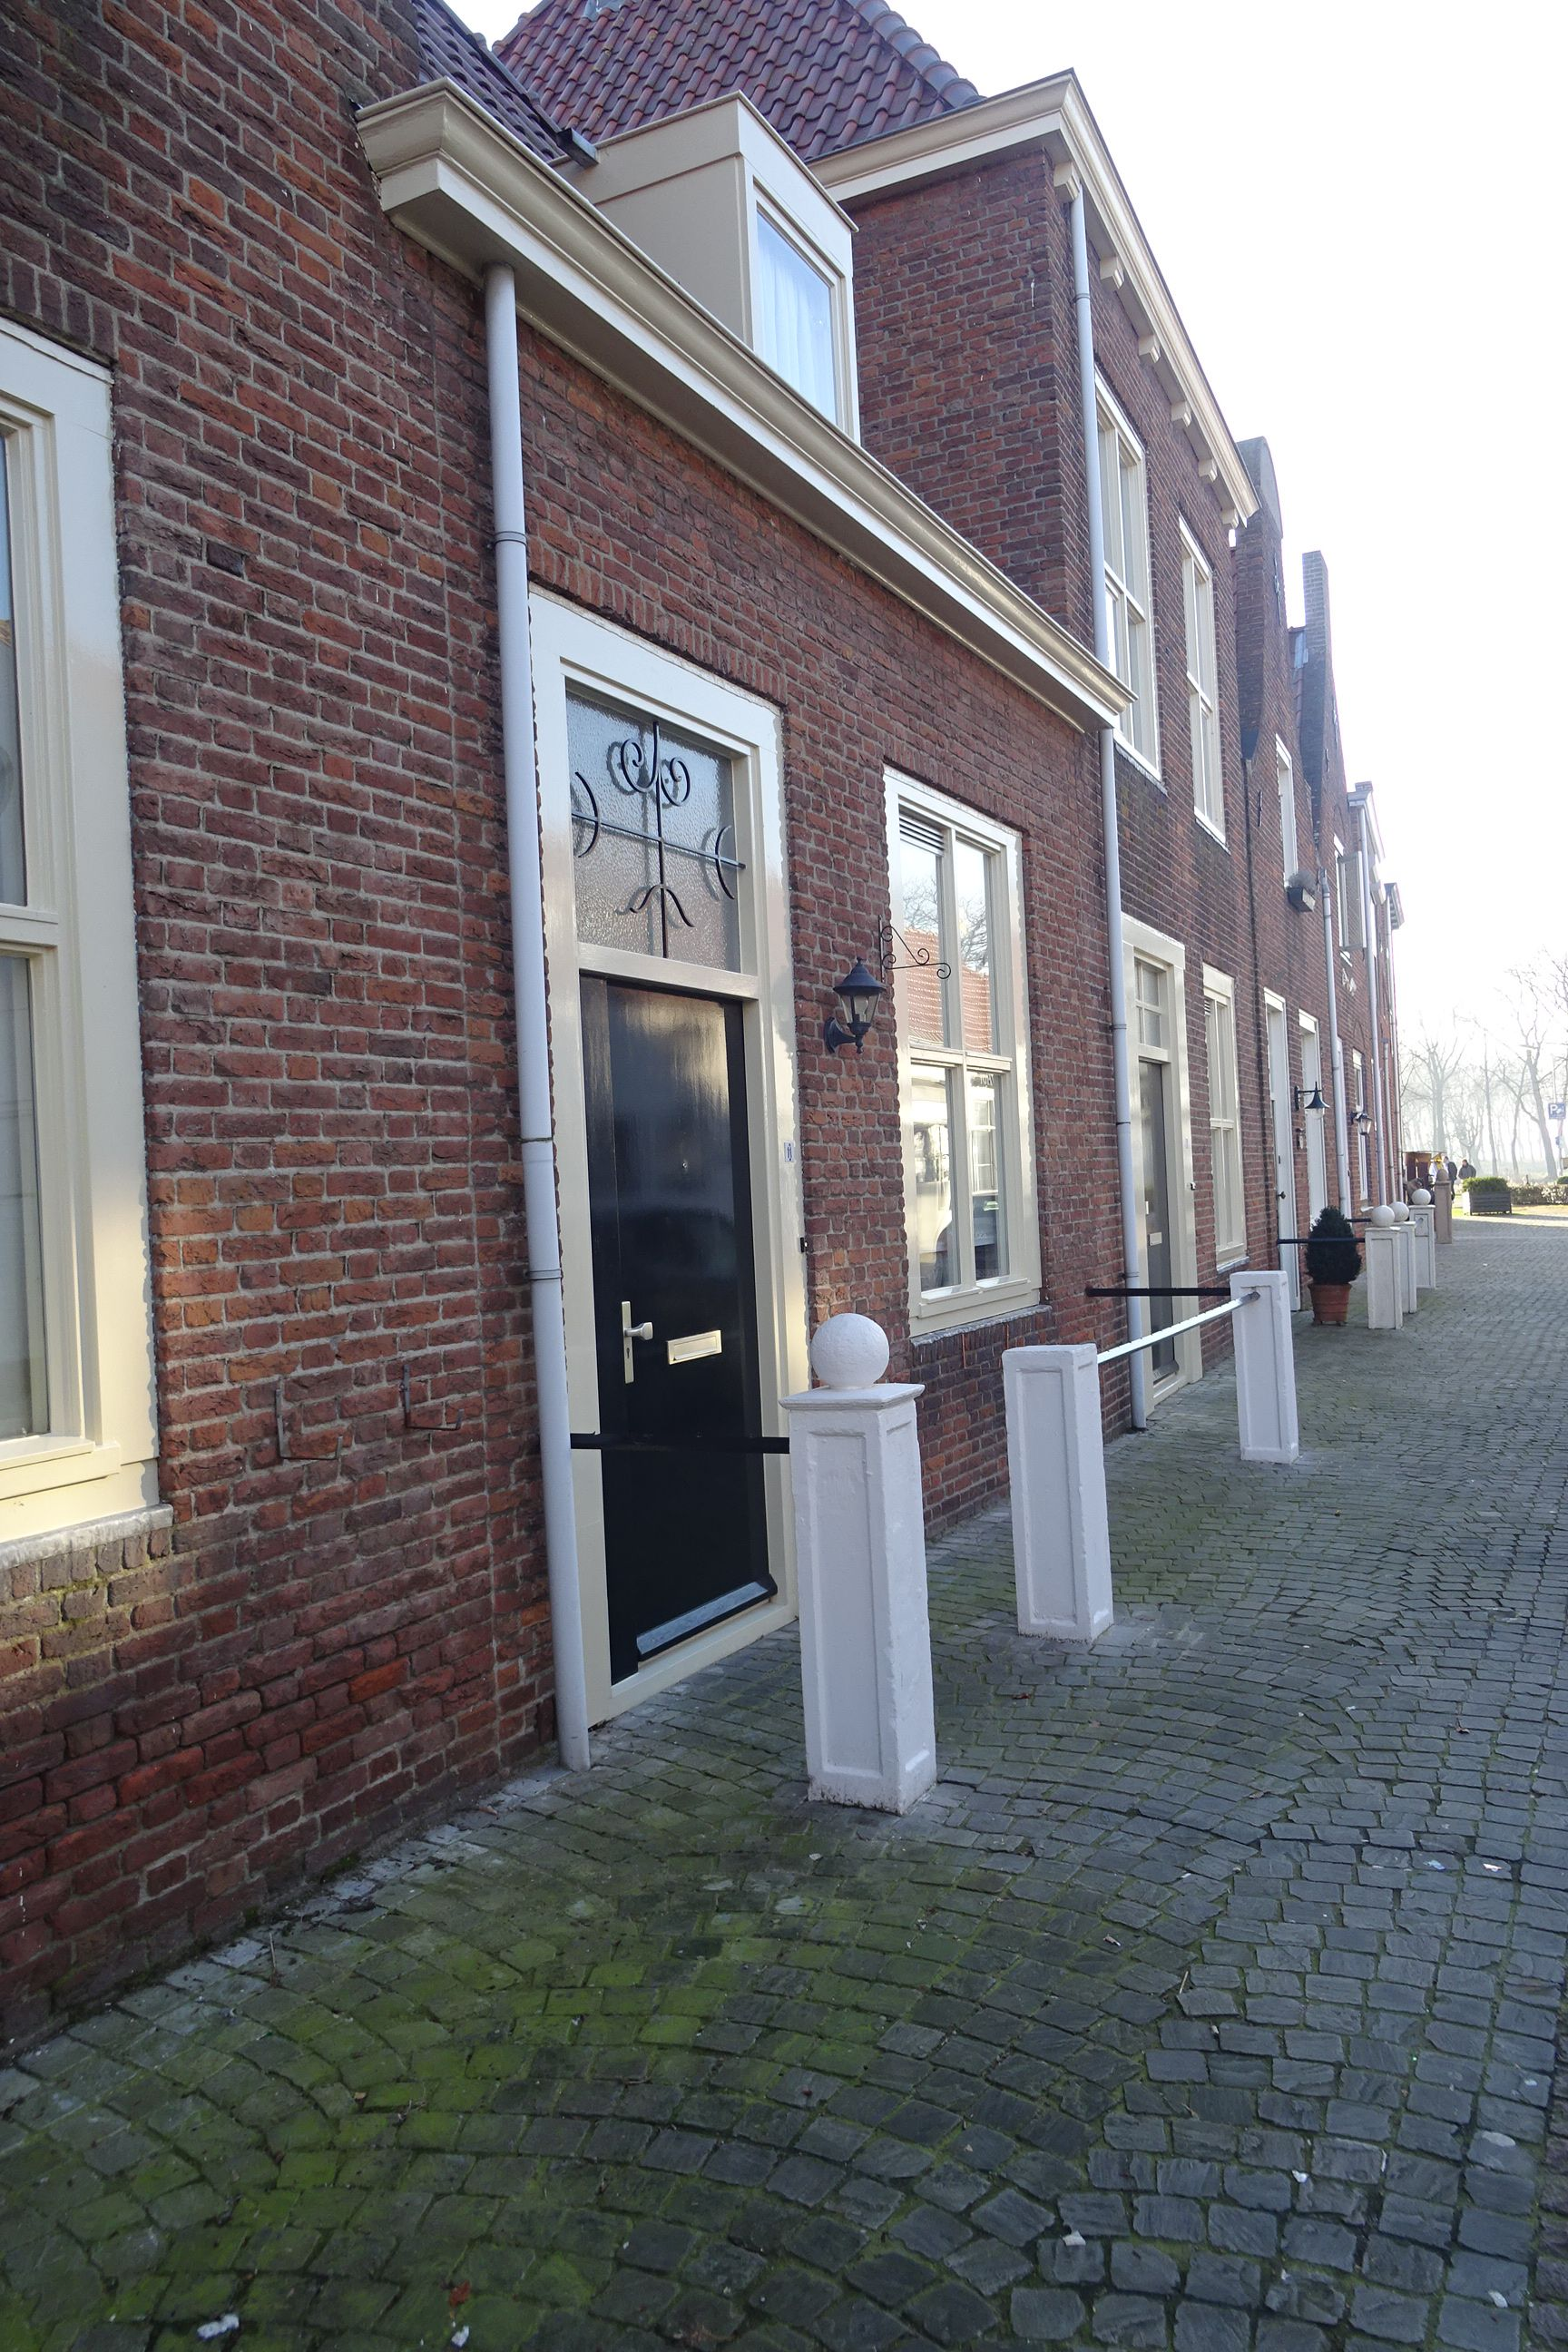 Stoeppalen in de Smeestraat. (Foto collectie H. Hendrikse)